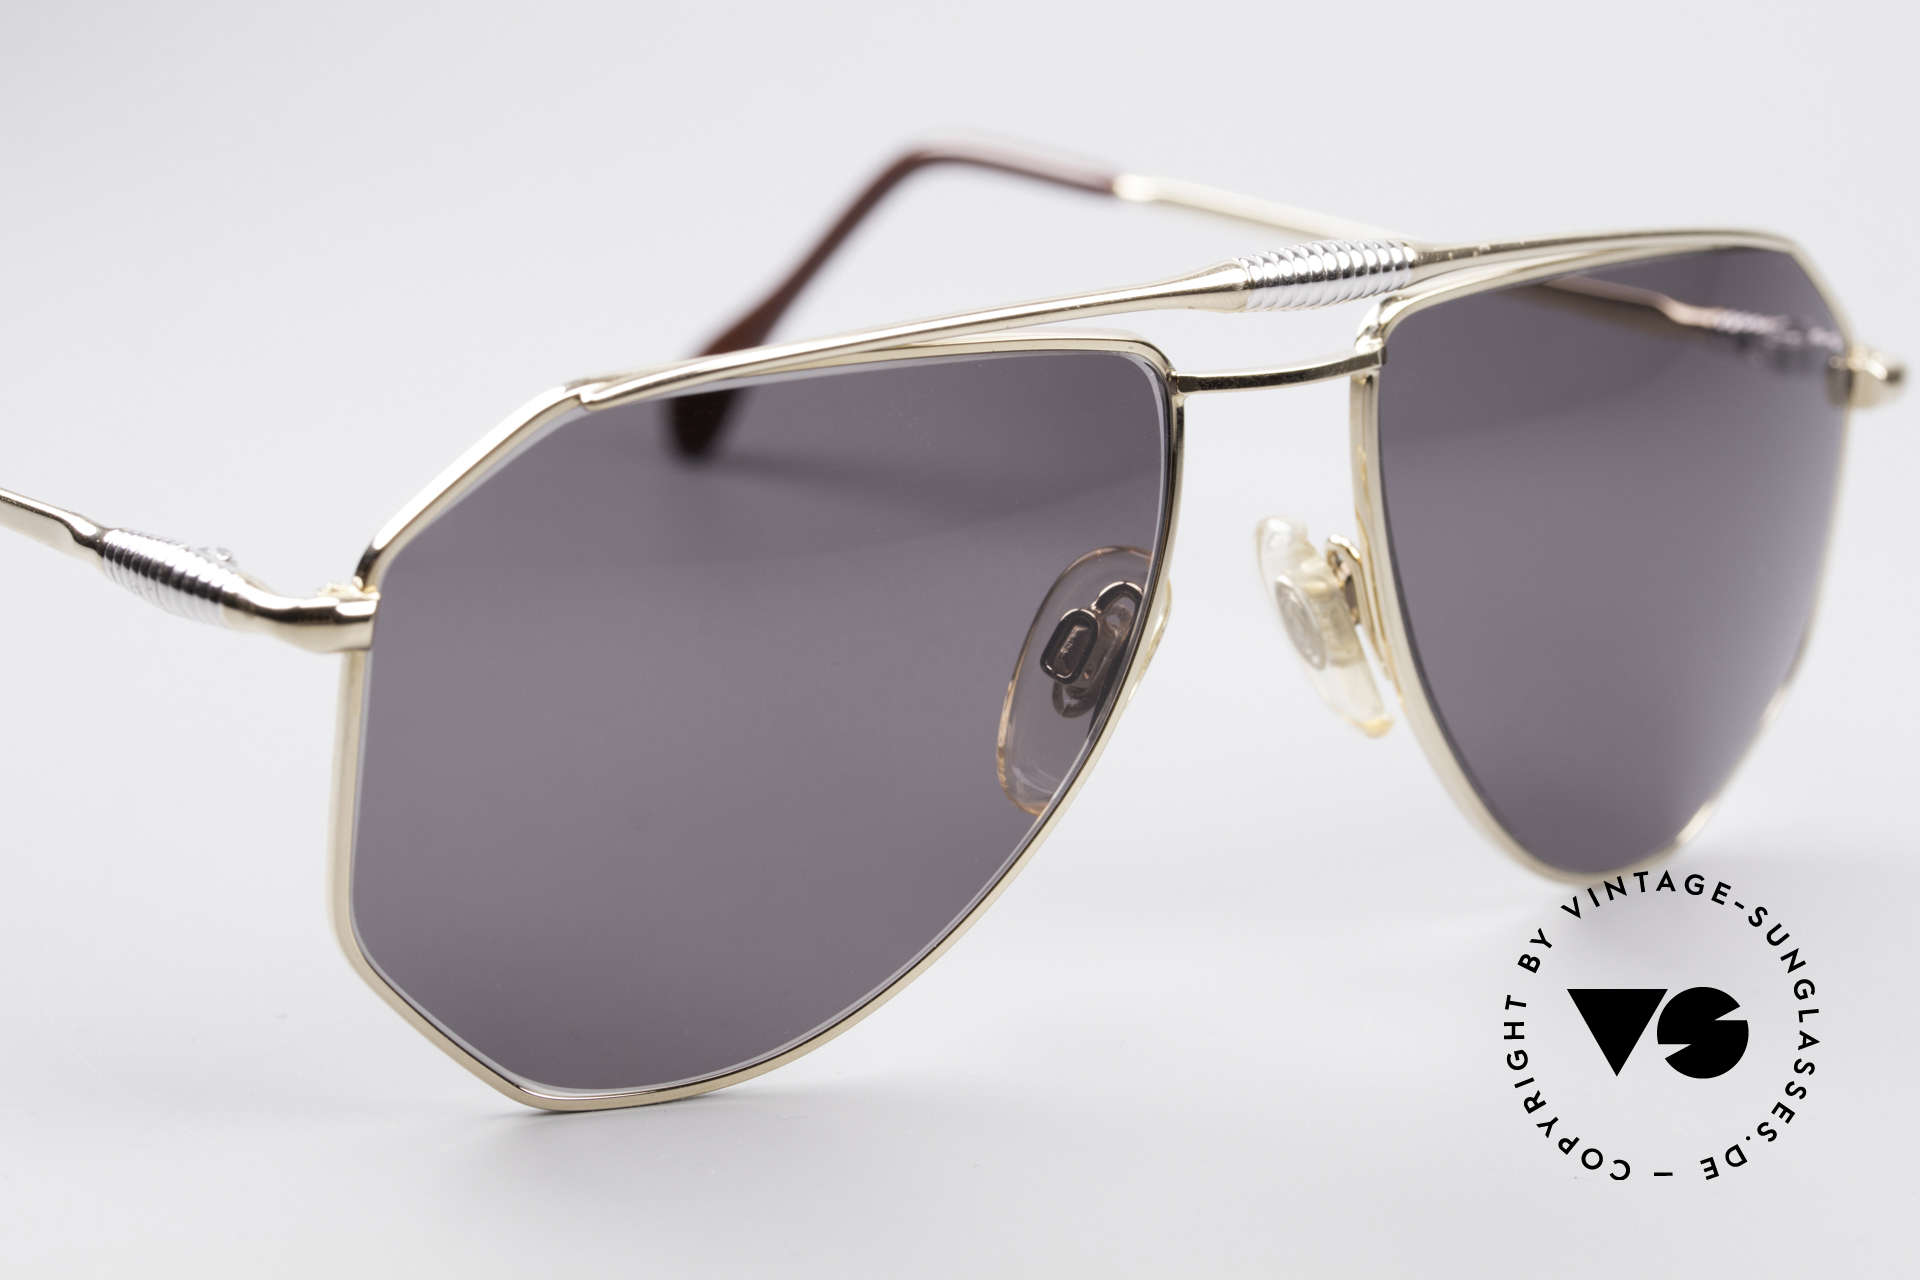 Zollitsch Cadre 120 Medium Aviator Sonnenbrille, KEINE Retrobrille; ein 30 Jahre altes Unikat, Gr. 56°18, Passend für Herren